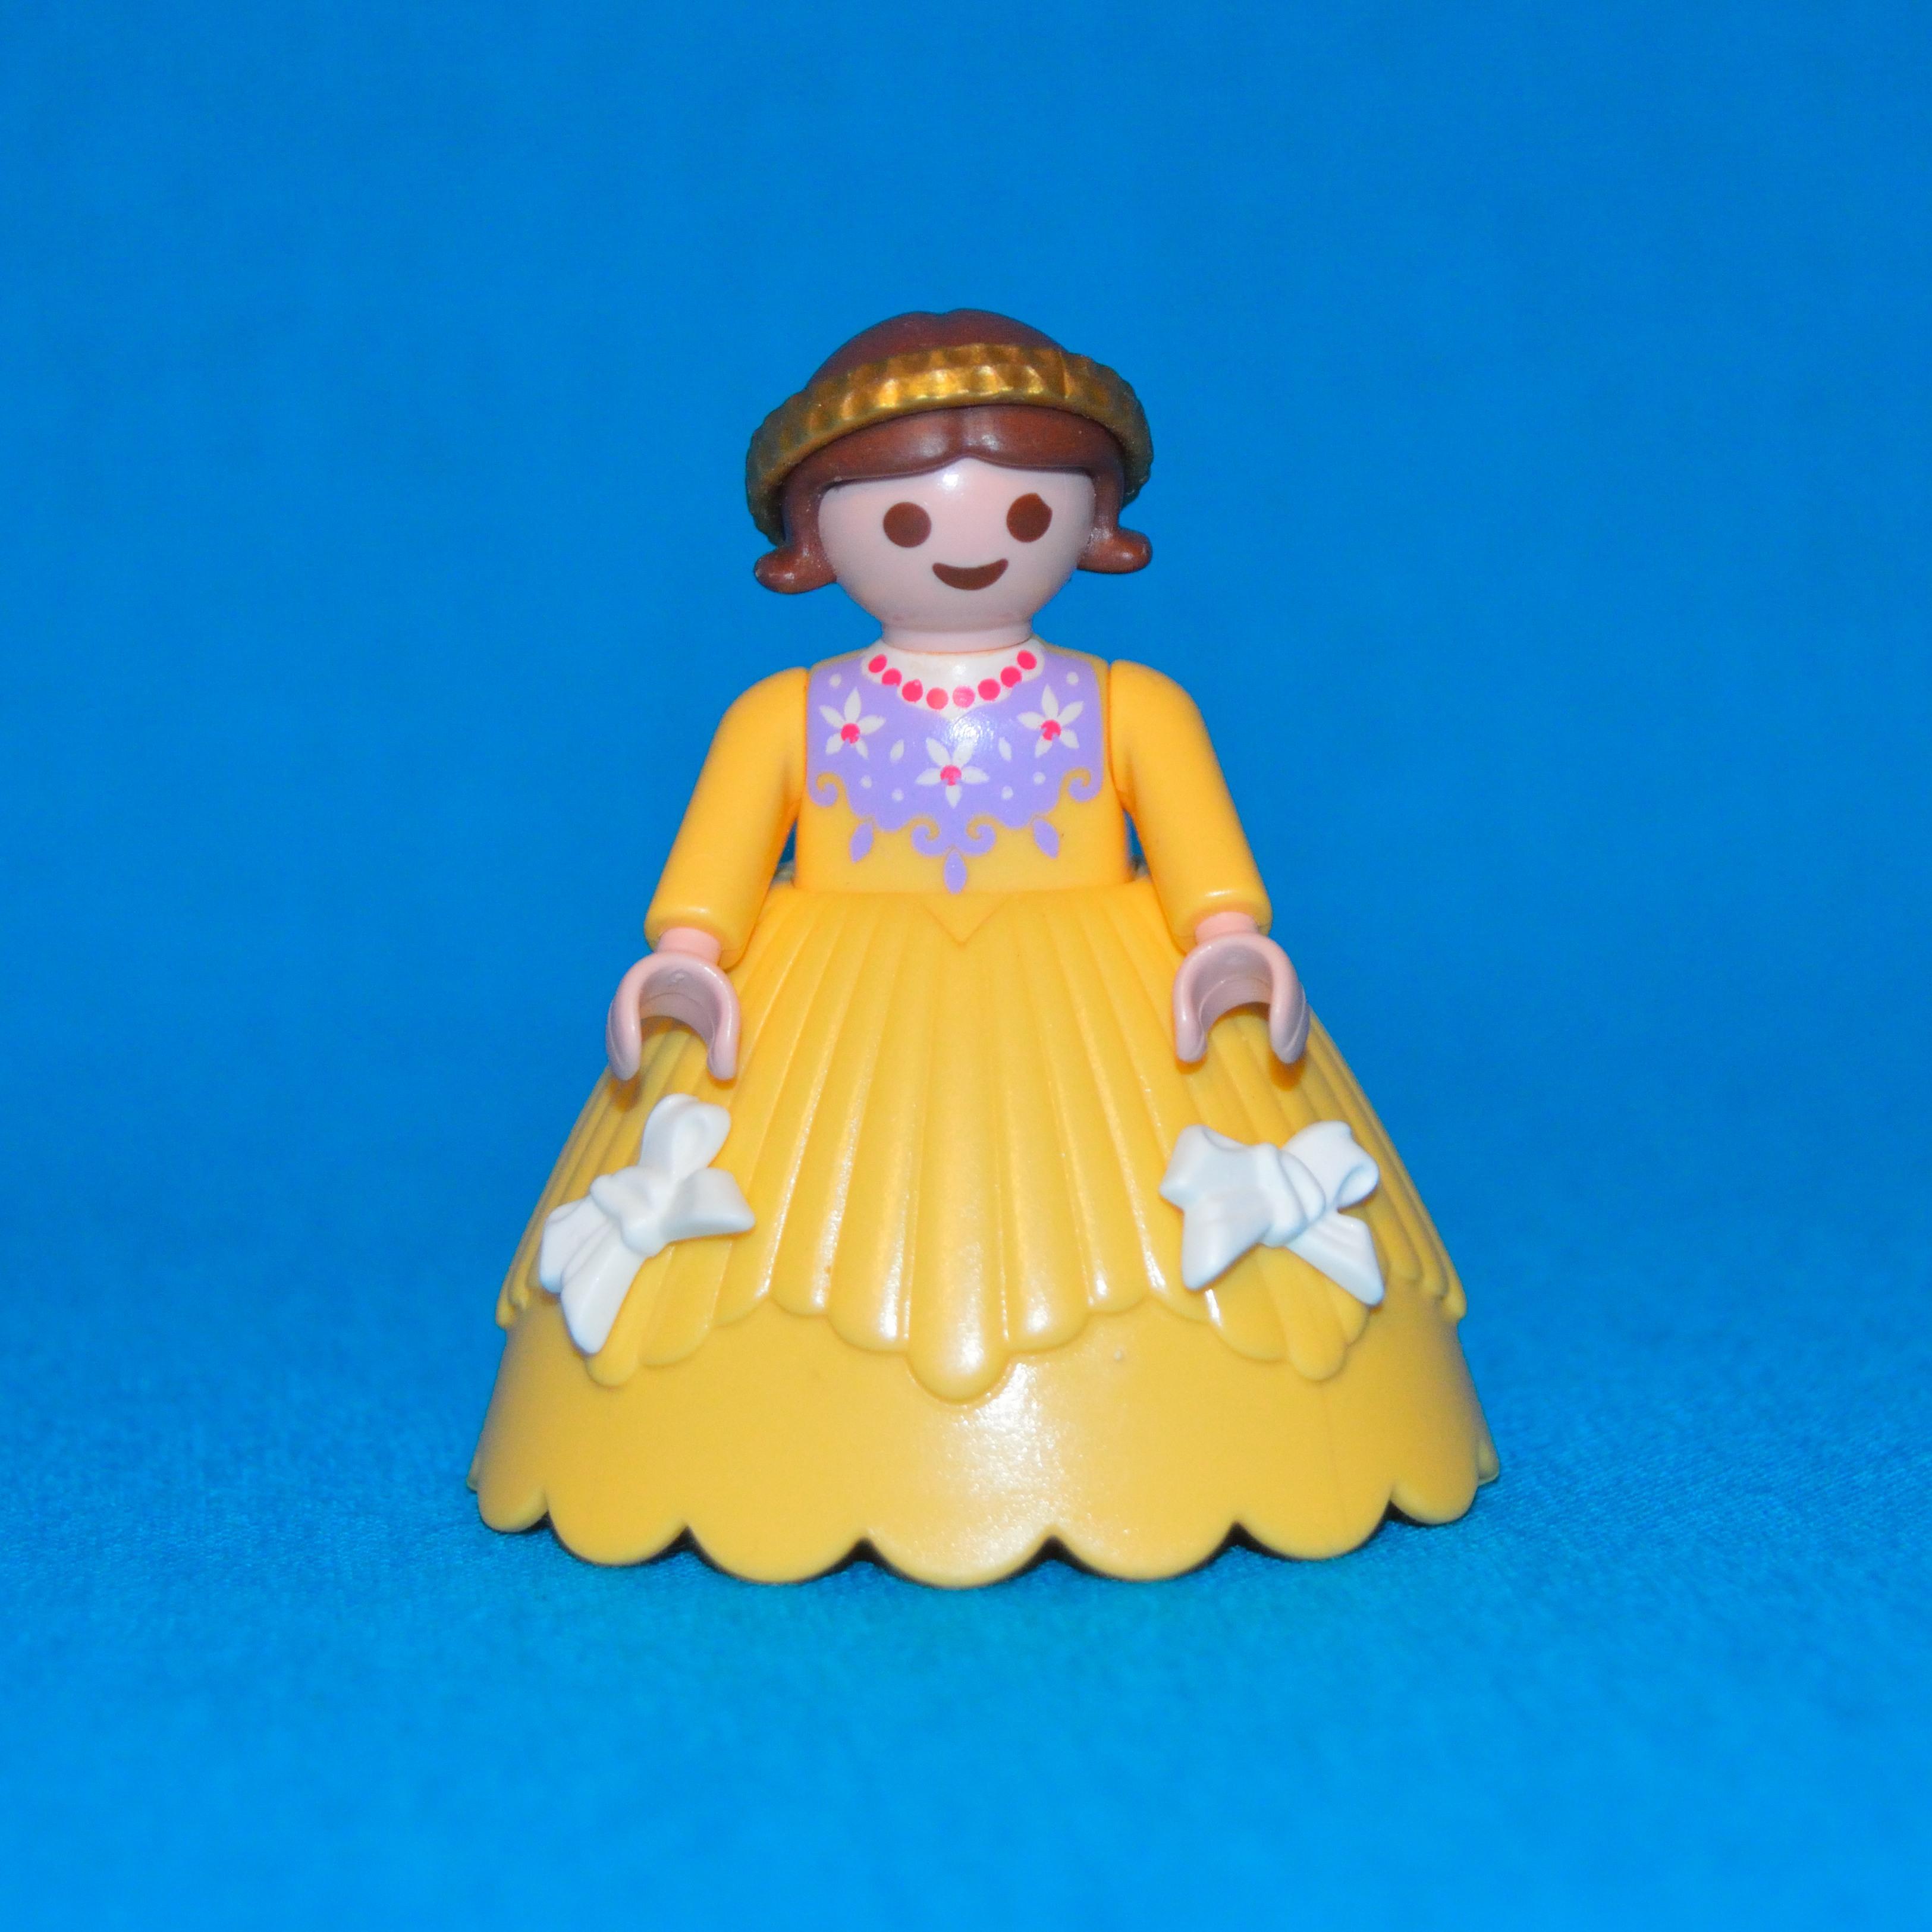 Playmobil princesse 4258